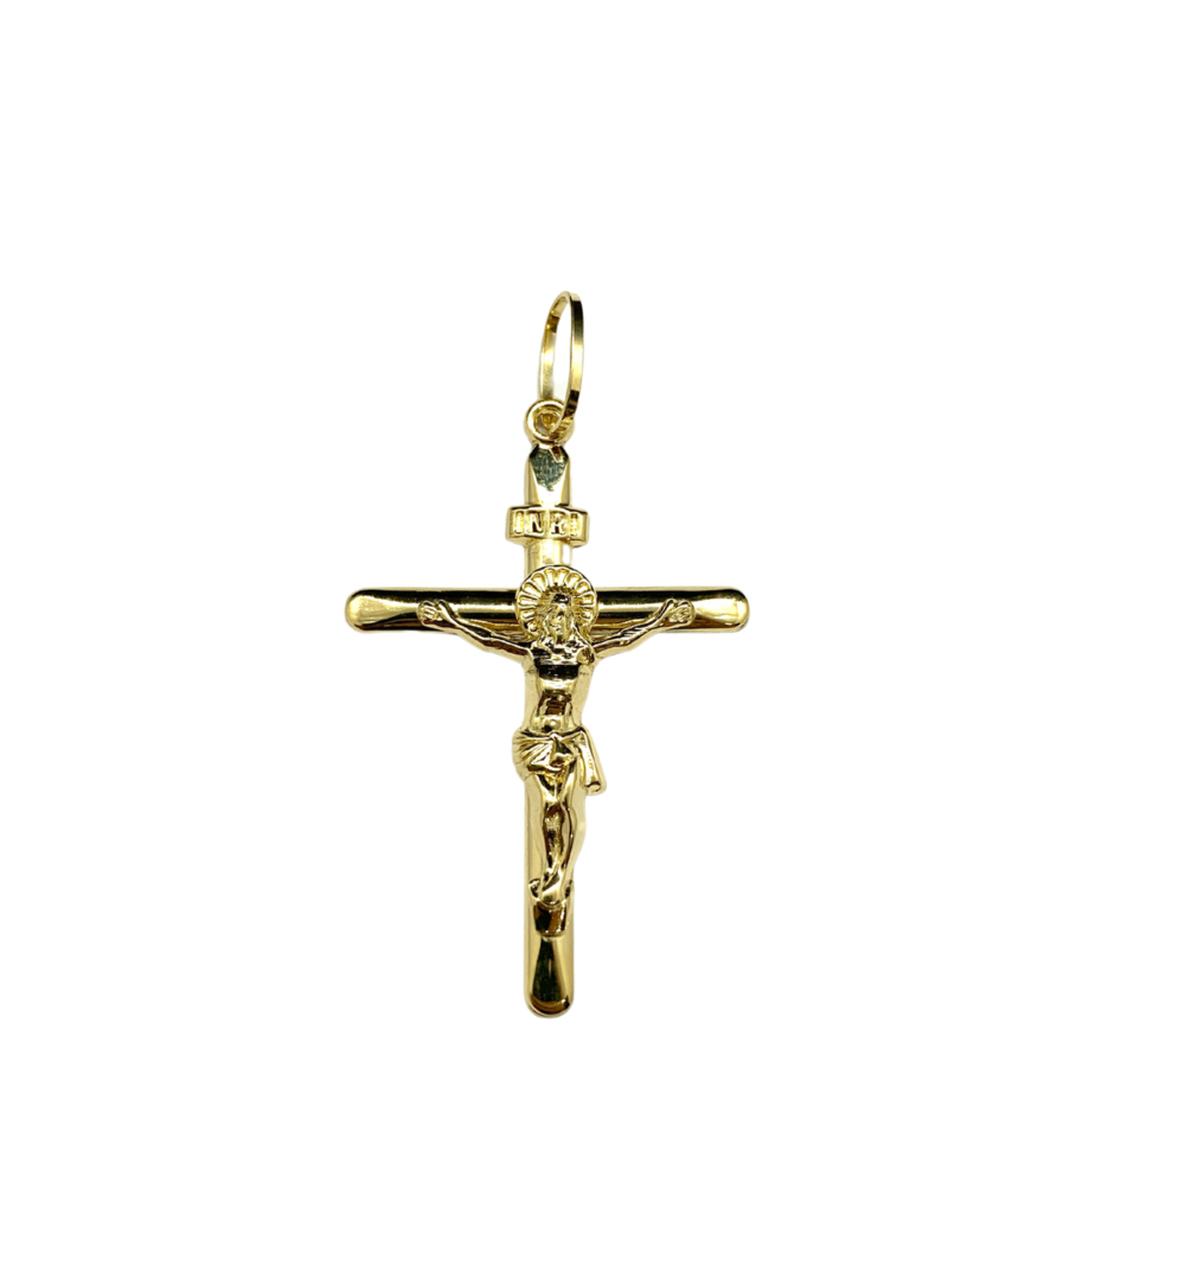 Pingente Ouro 18k Crucifixo Inri